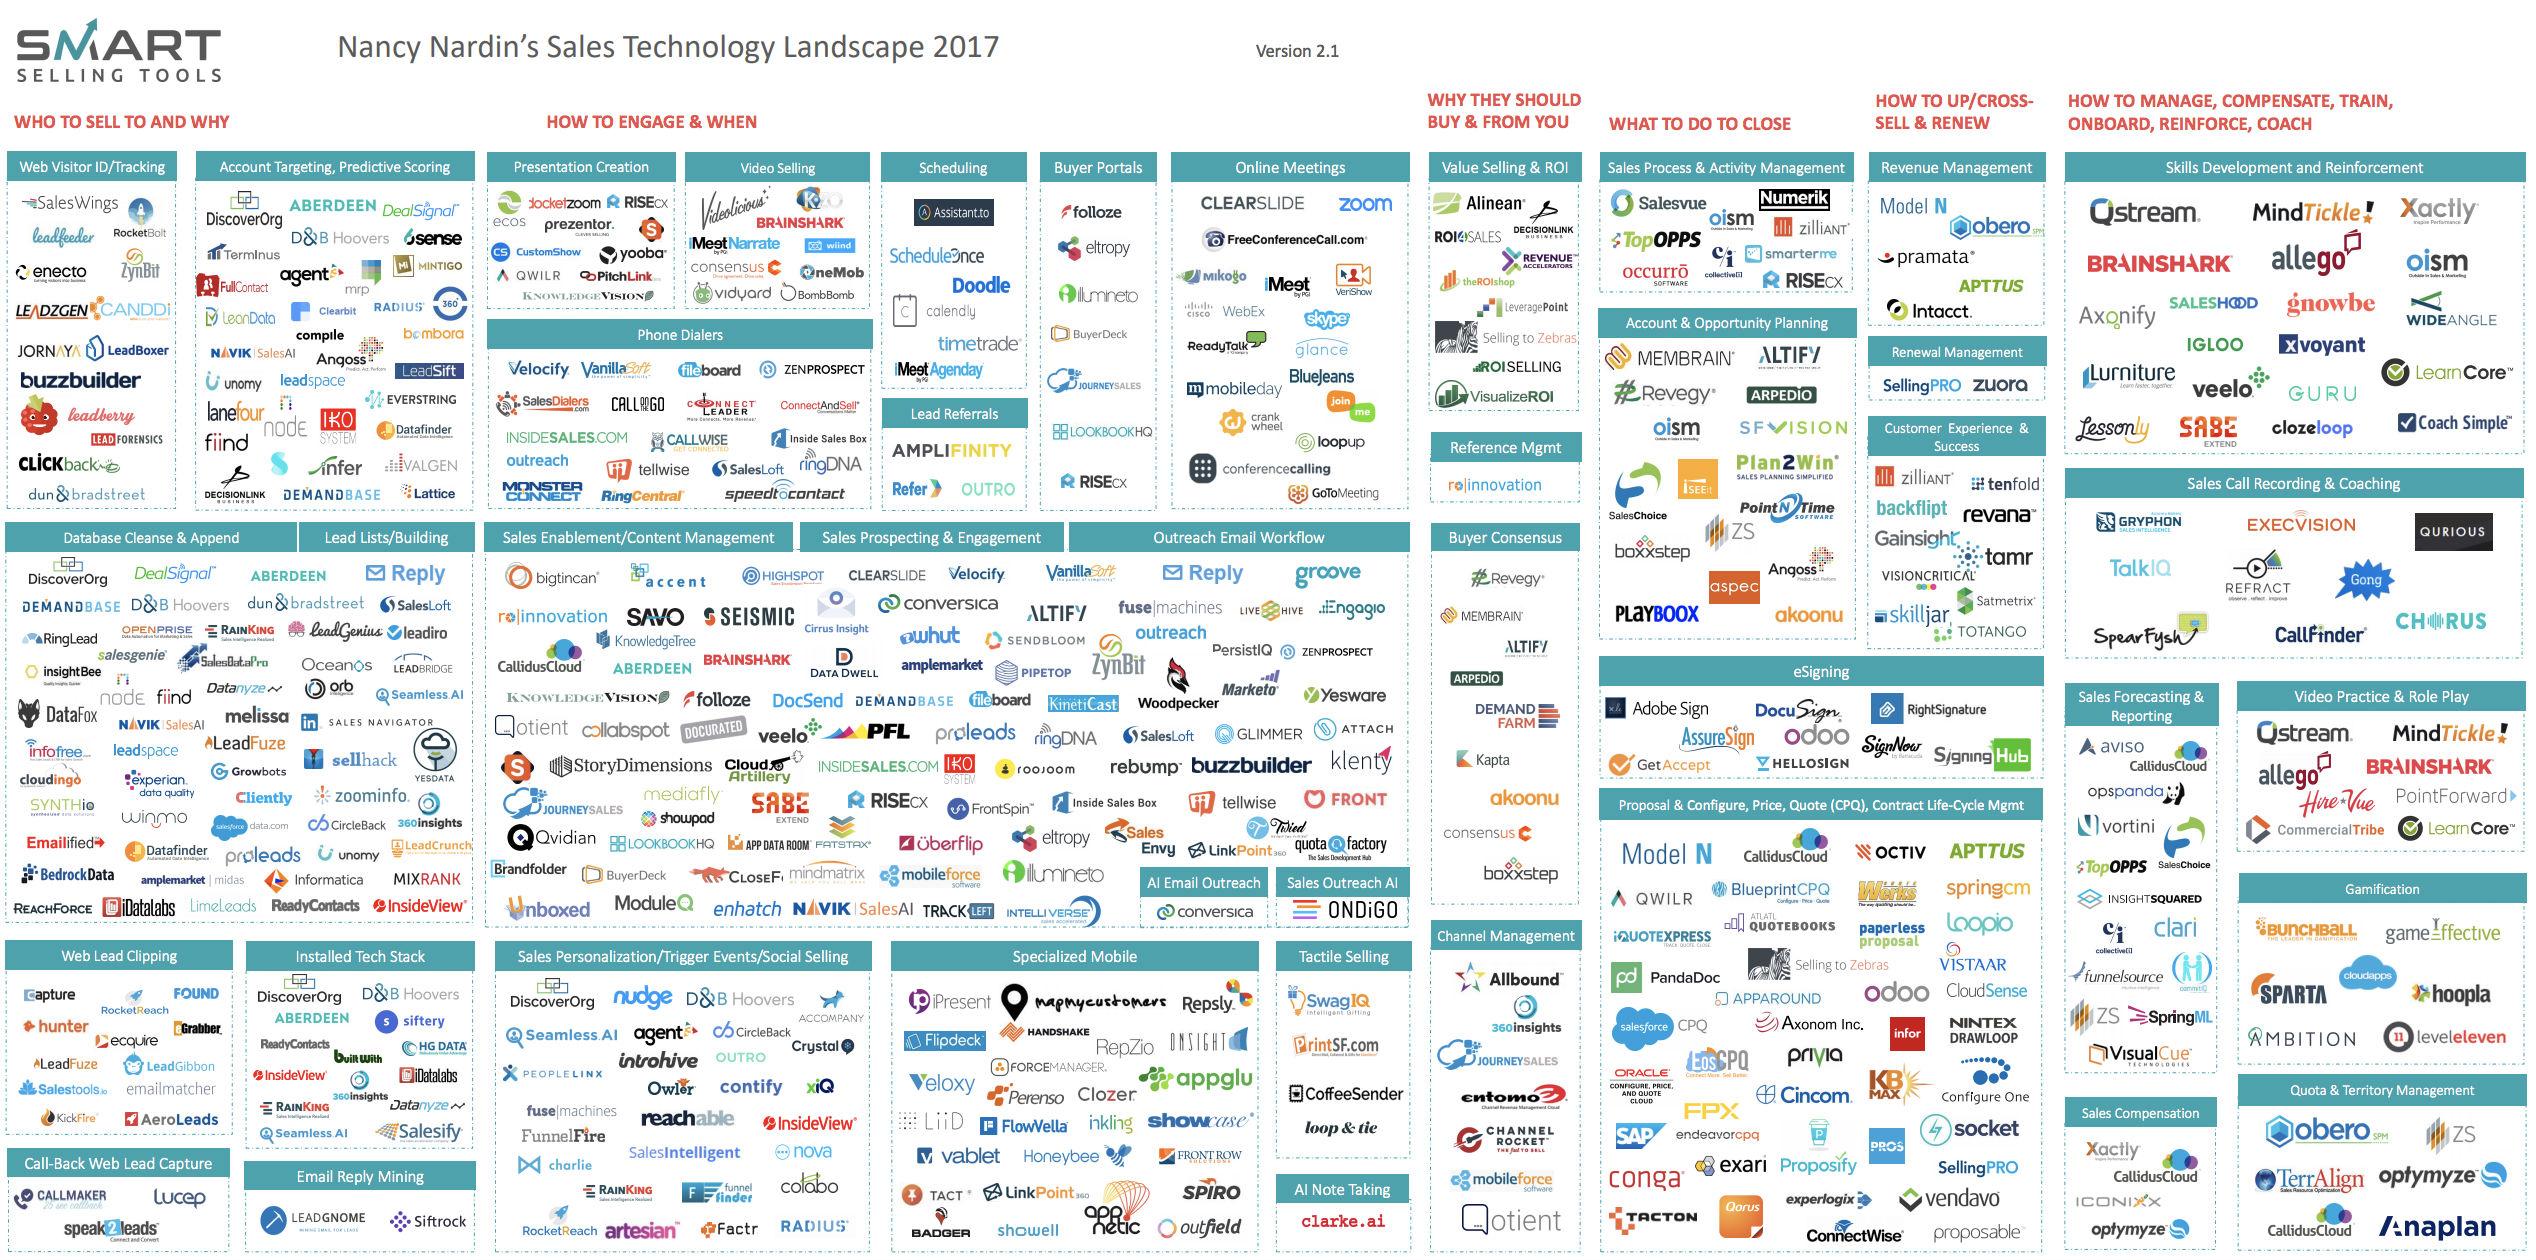 sst-sales-tech-landscape_2017.jpg